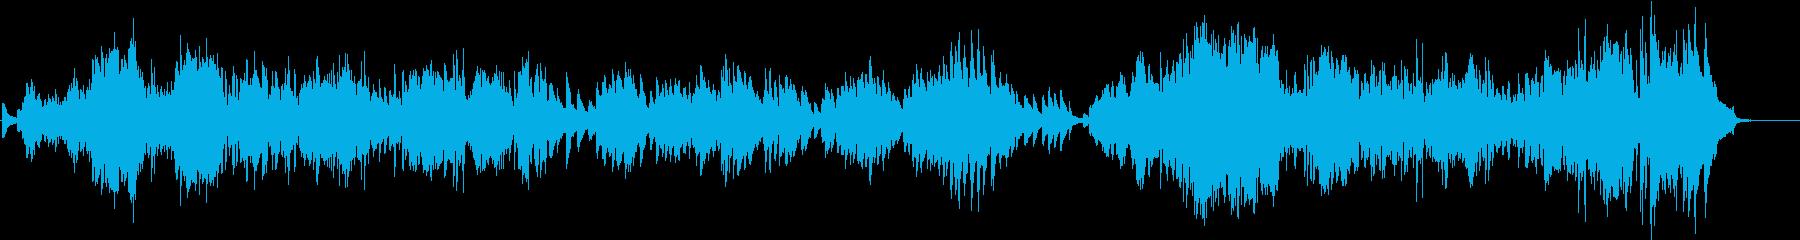 かわいいショパンの子犬のワルツの再生済みの波形